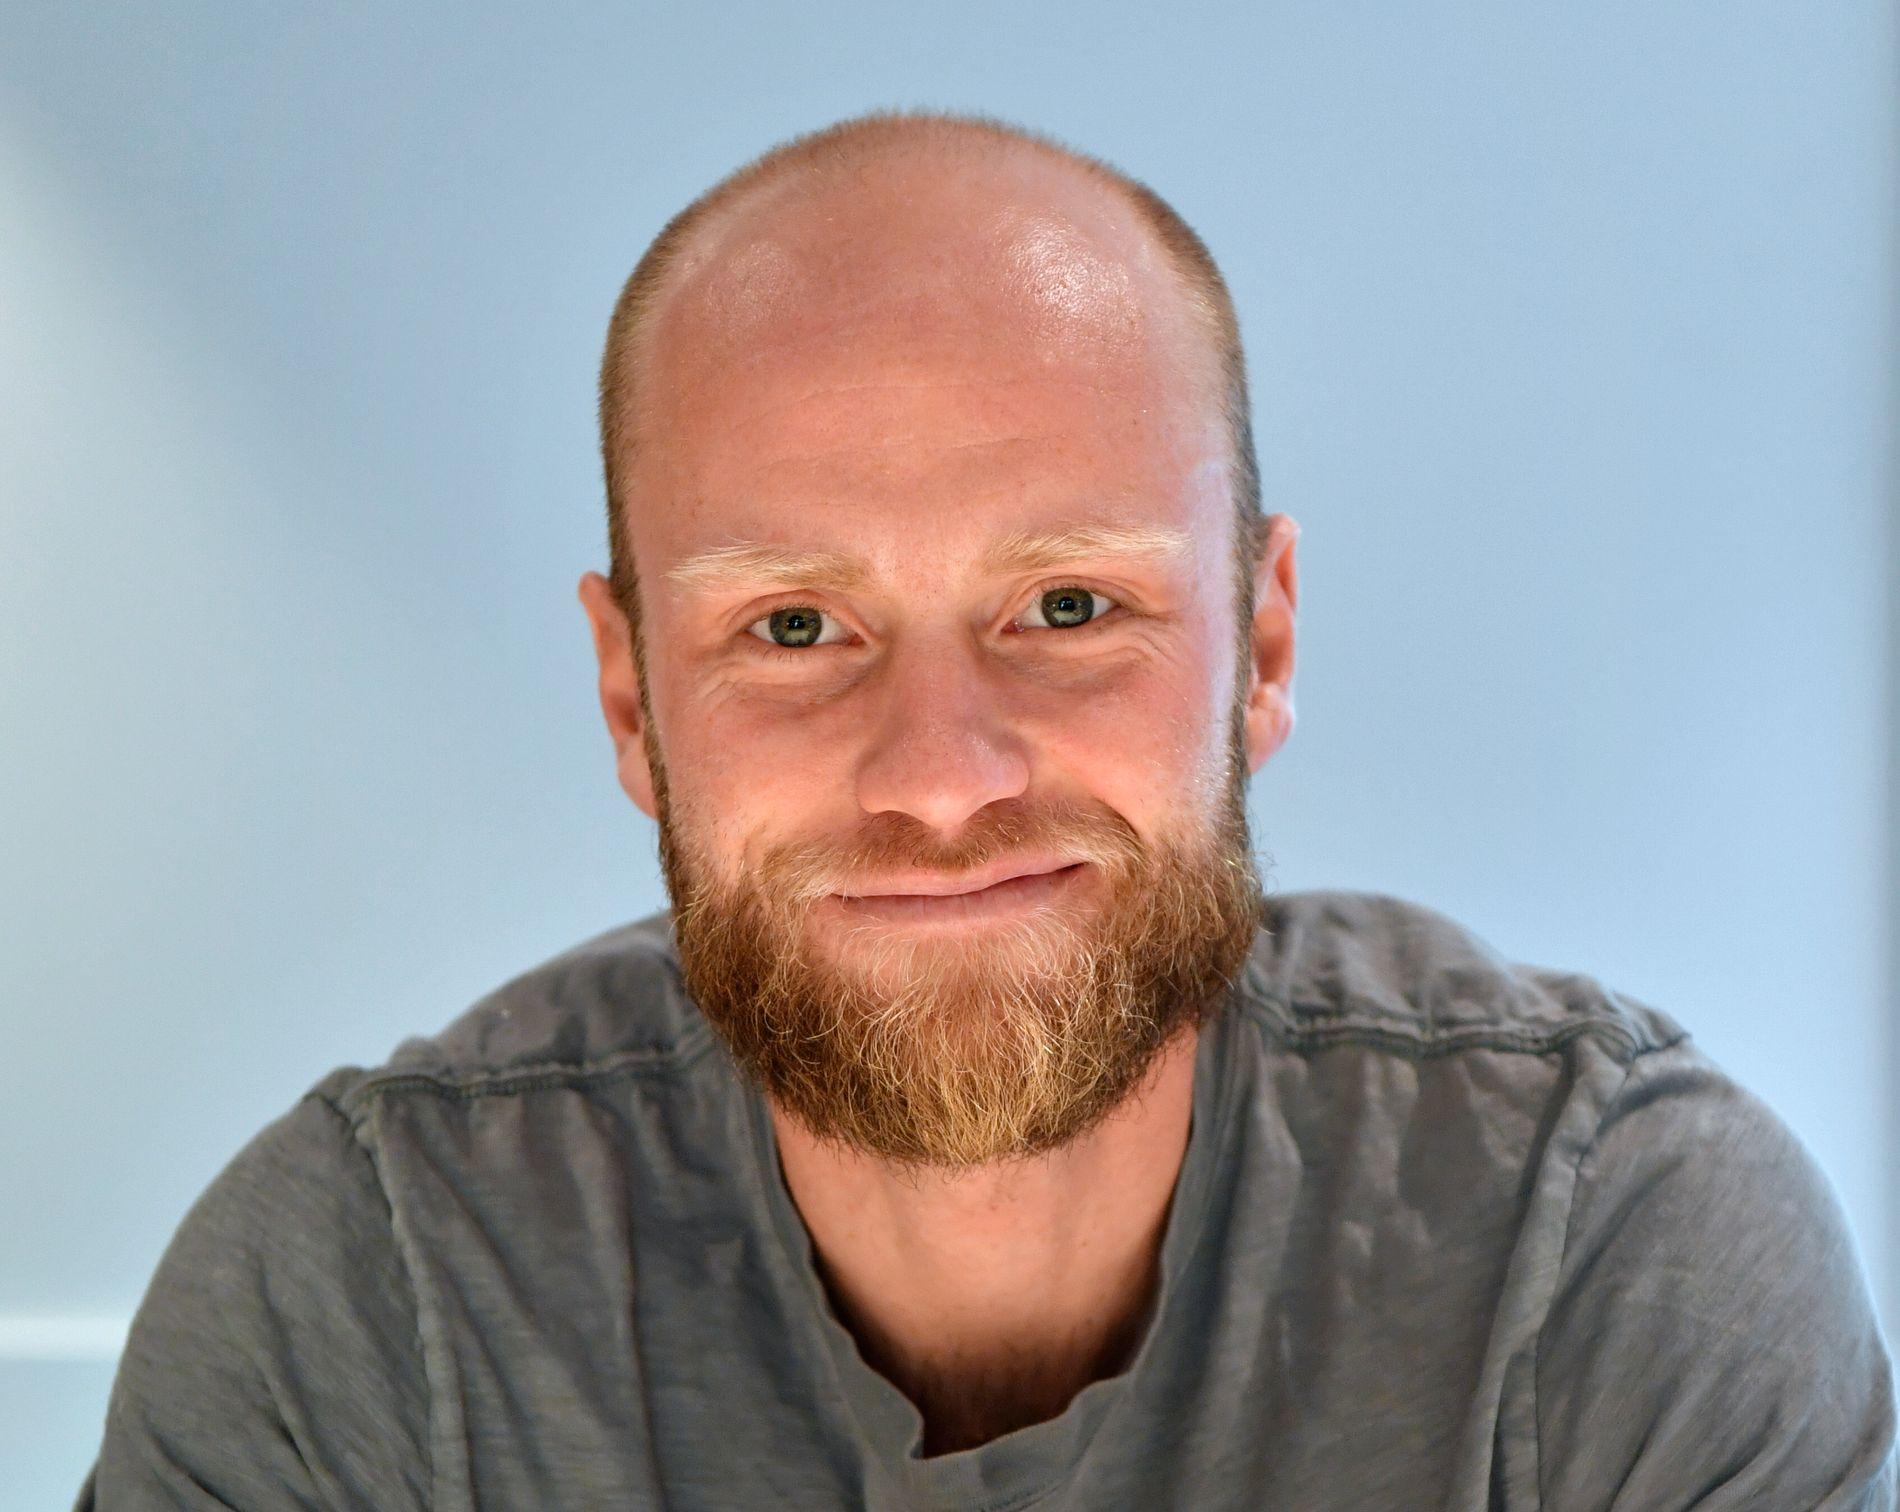 Motivasjonen Forsvant Sundby Dropper Rundt 400 Treningstimer Vg